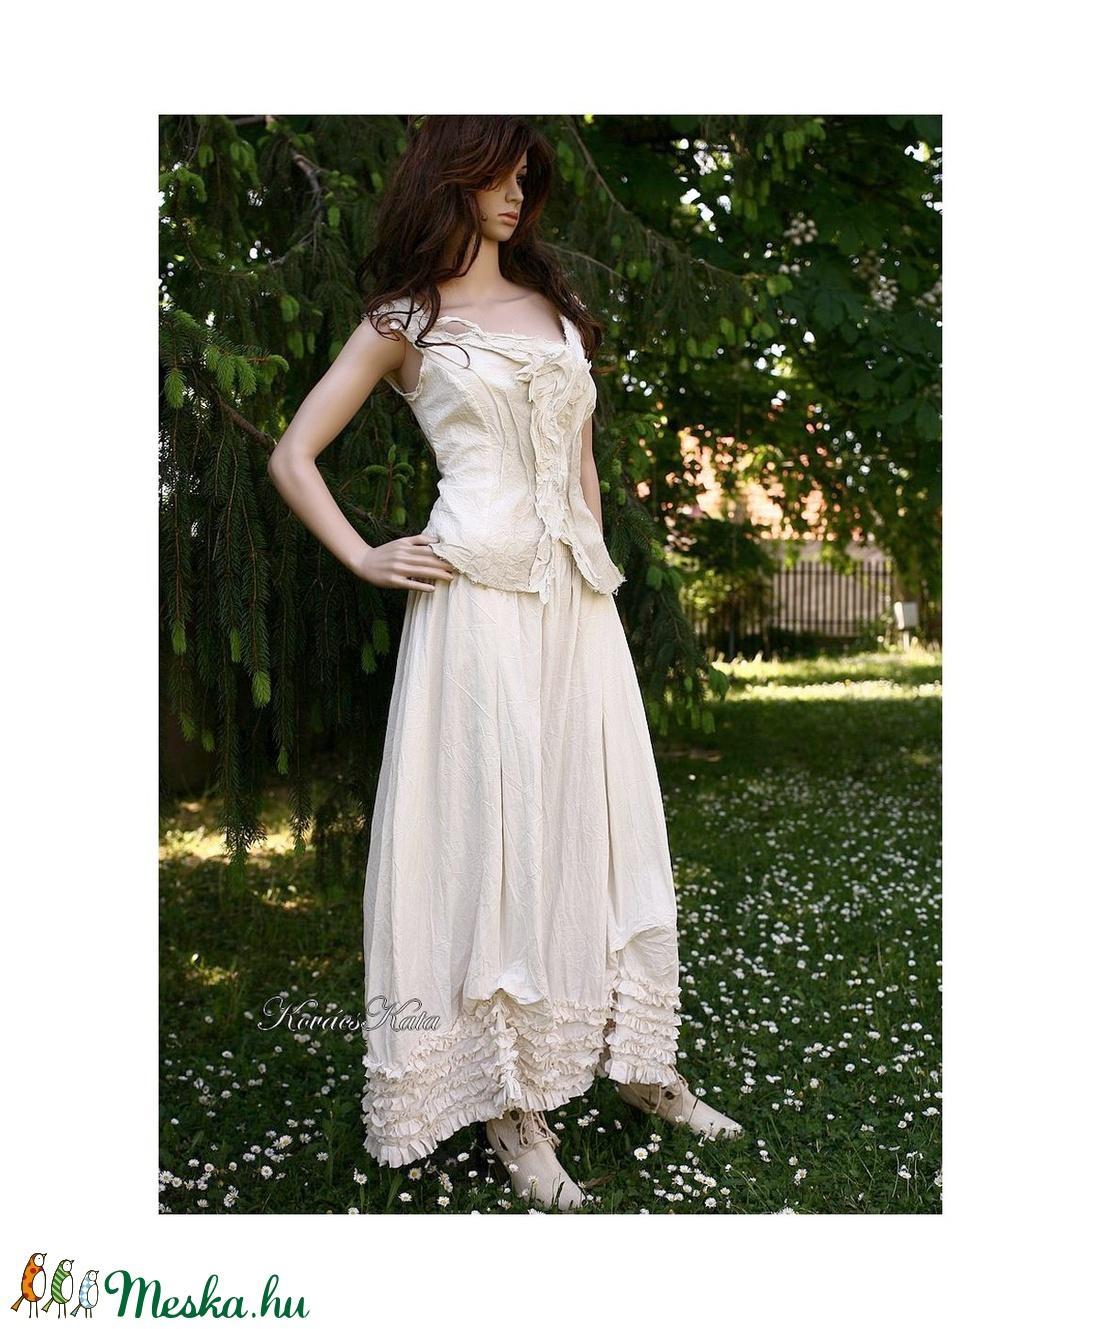 MILLENIUM - romantikus designruha - alternatív menyasszonyi ruha ( Aranybrokat) - Meska.hu 3bc0344209